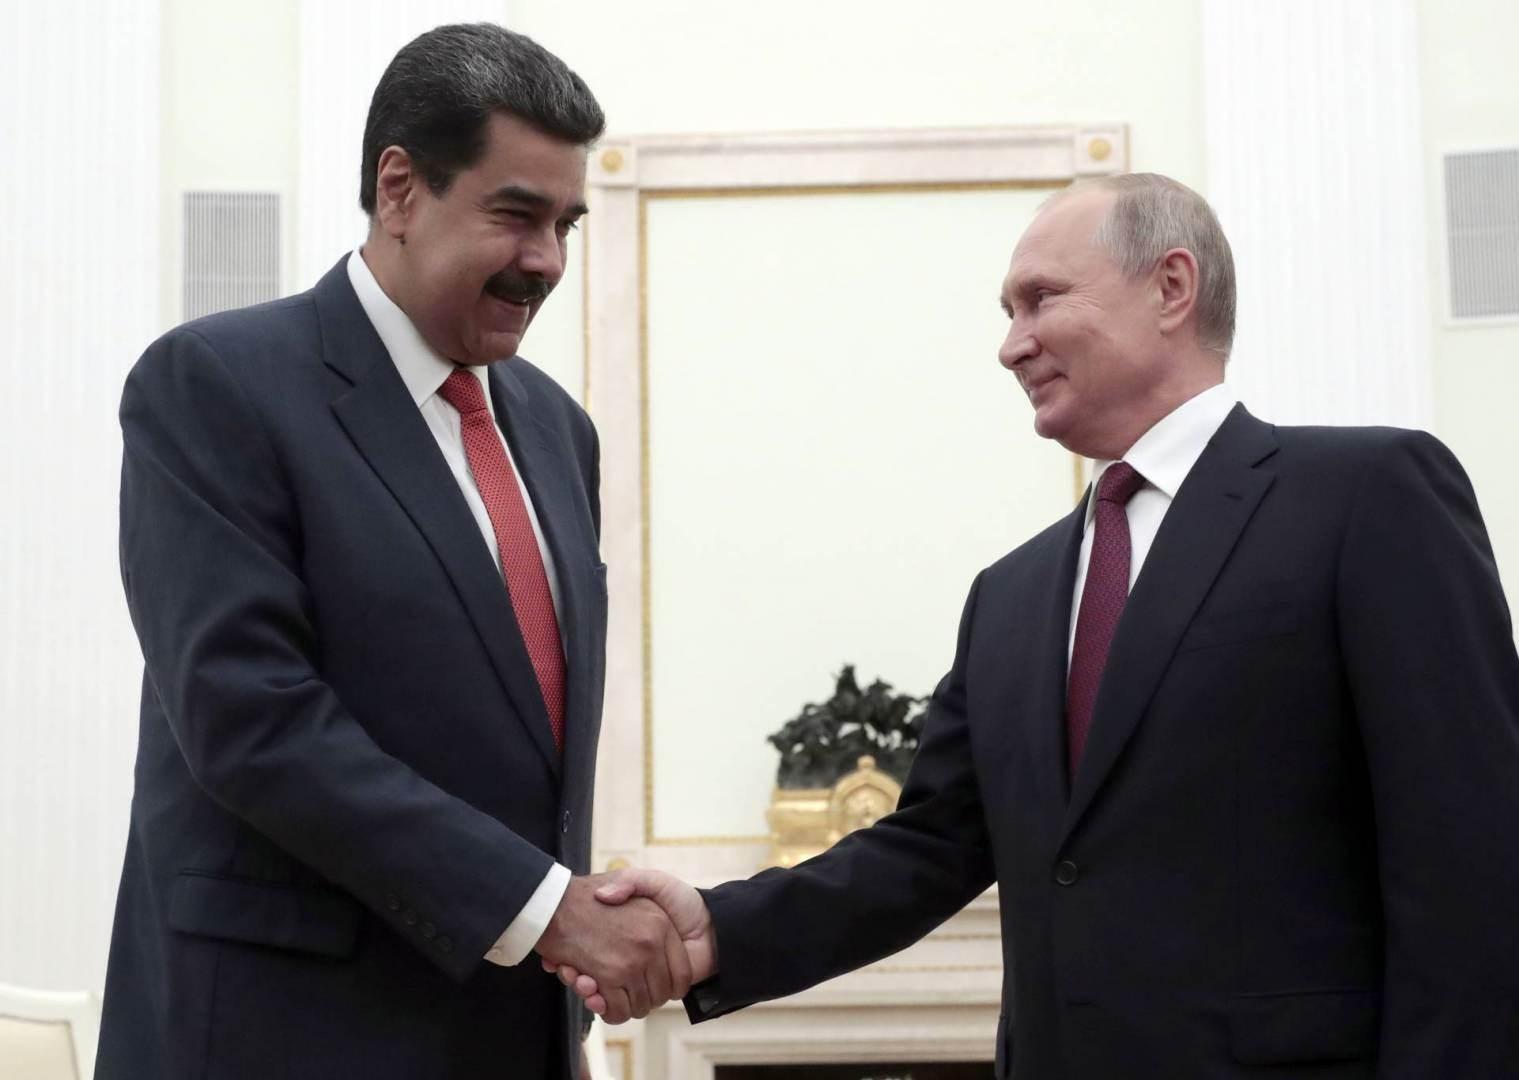 مادورو يشكر بوتين على تقديم الدعم في مكافحة كورونا ويؤكدان التعاون الاقتصادي